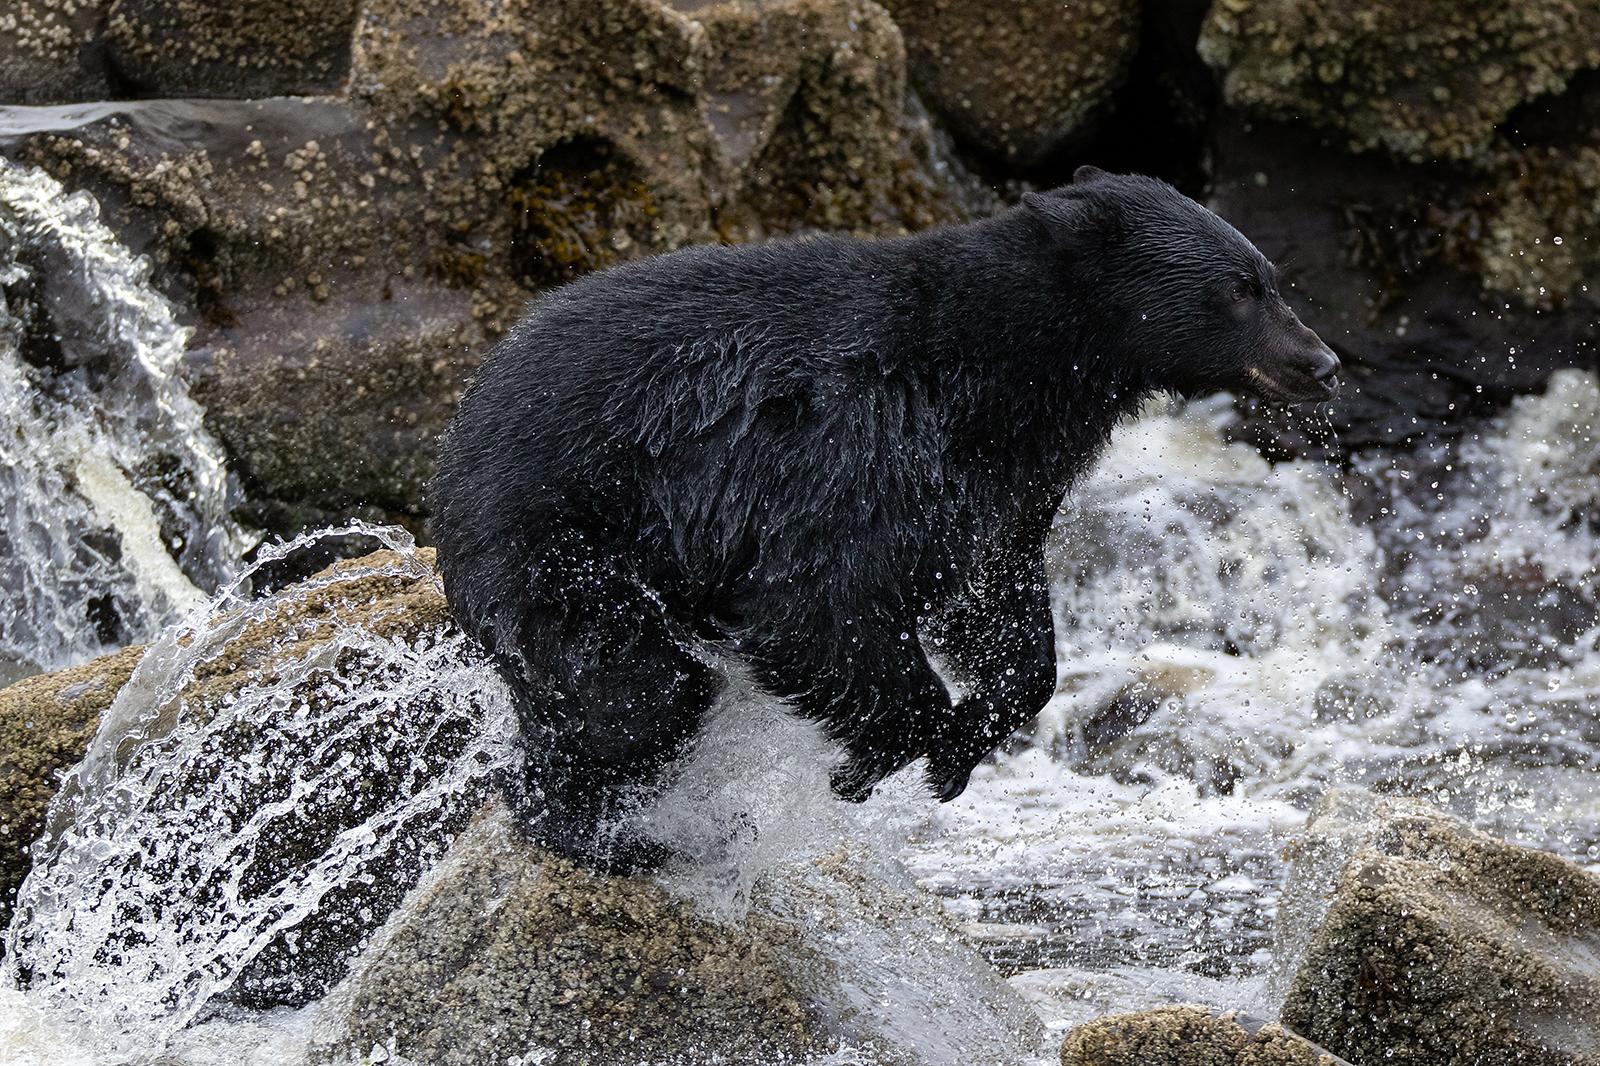 Keogh River Black Bear 004.jpg